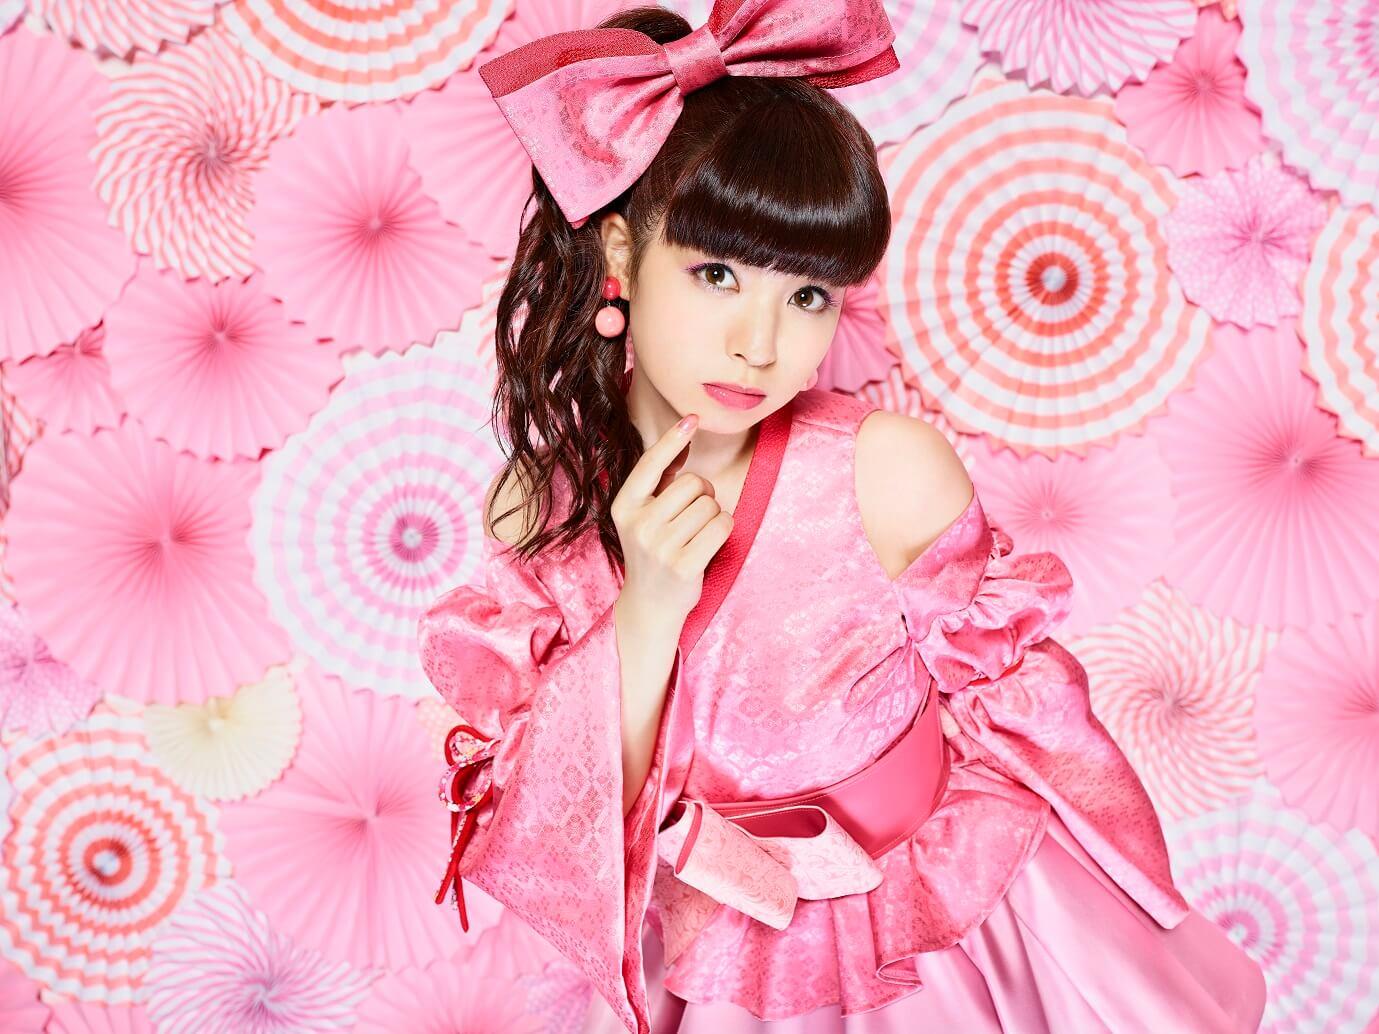 動漫歌手春奈露娜首張精選輯「LUNA JOULE」即將發售 春奈露娜、